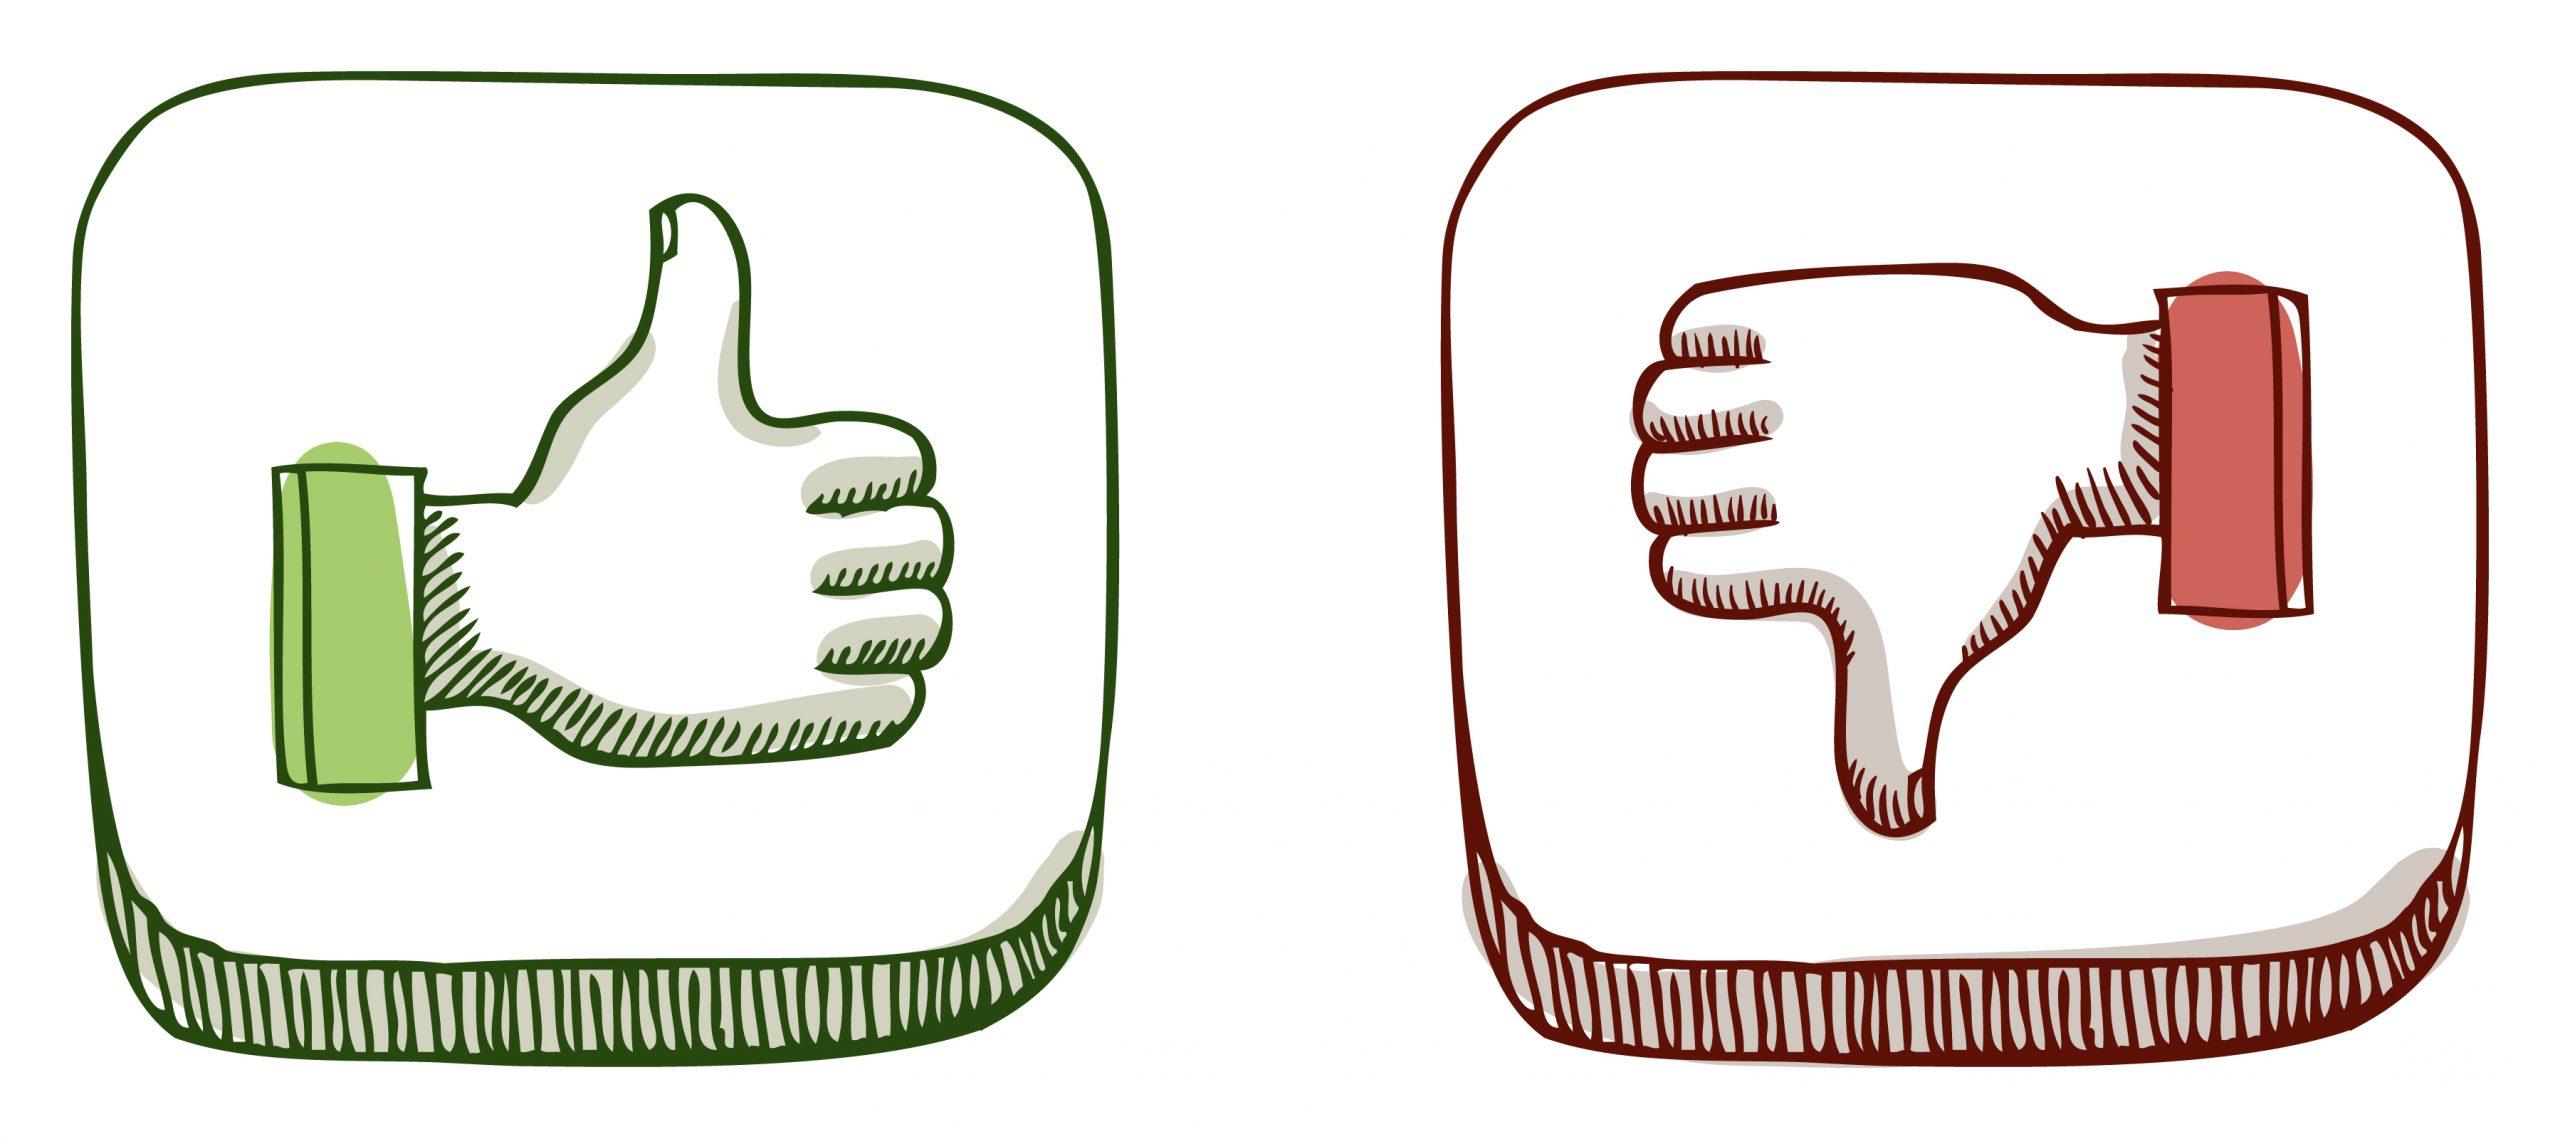 مزایا و معایب لپ تاپ استوک